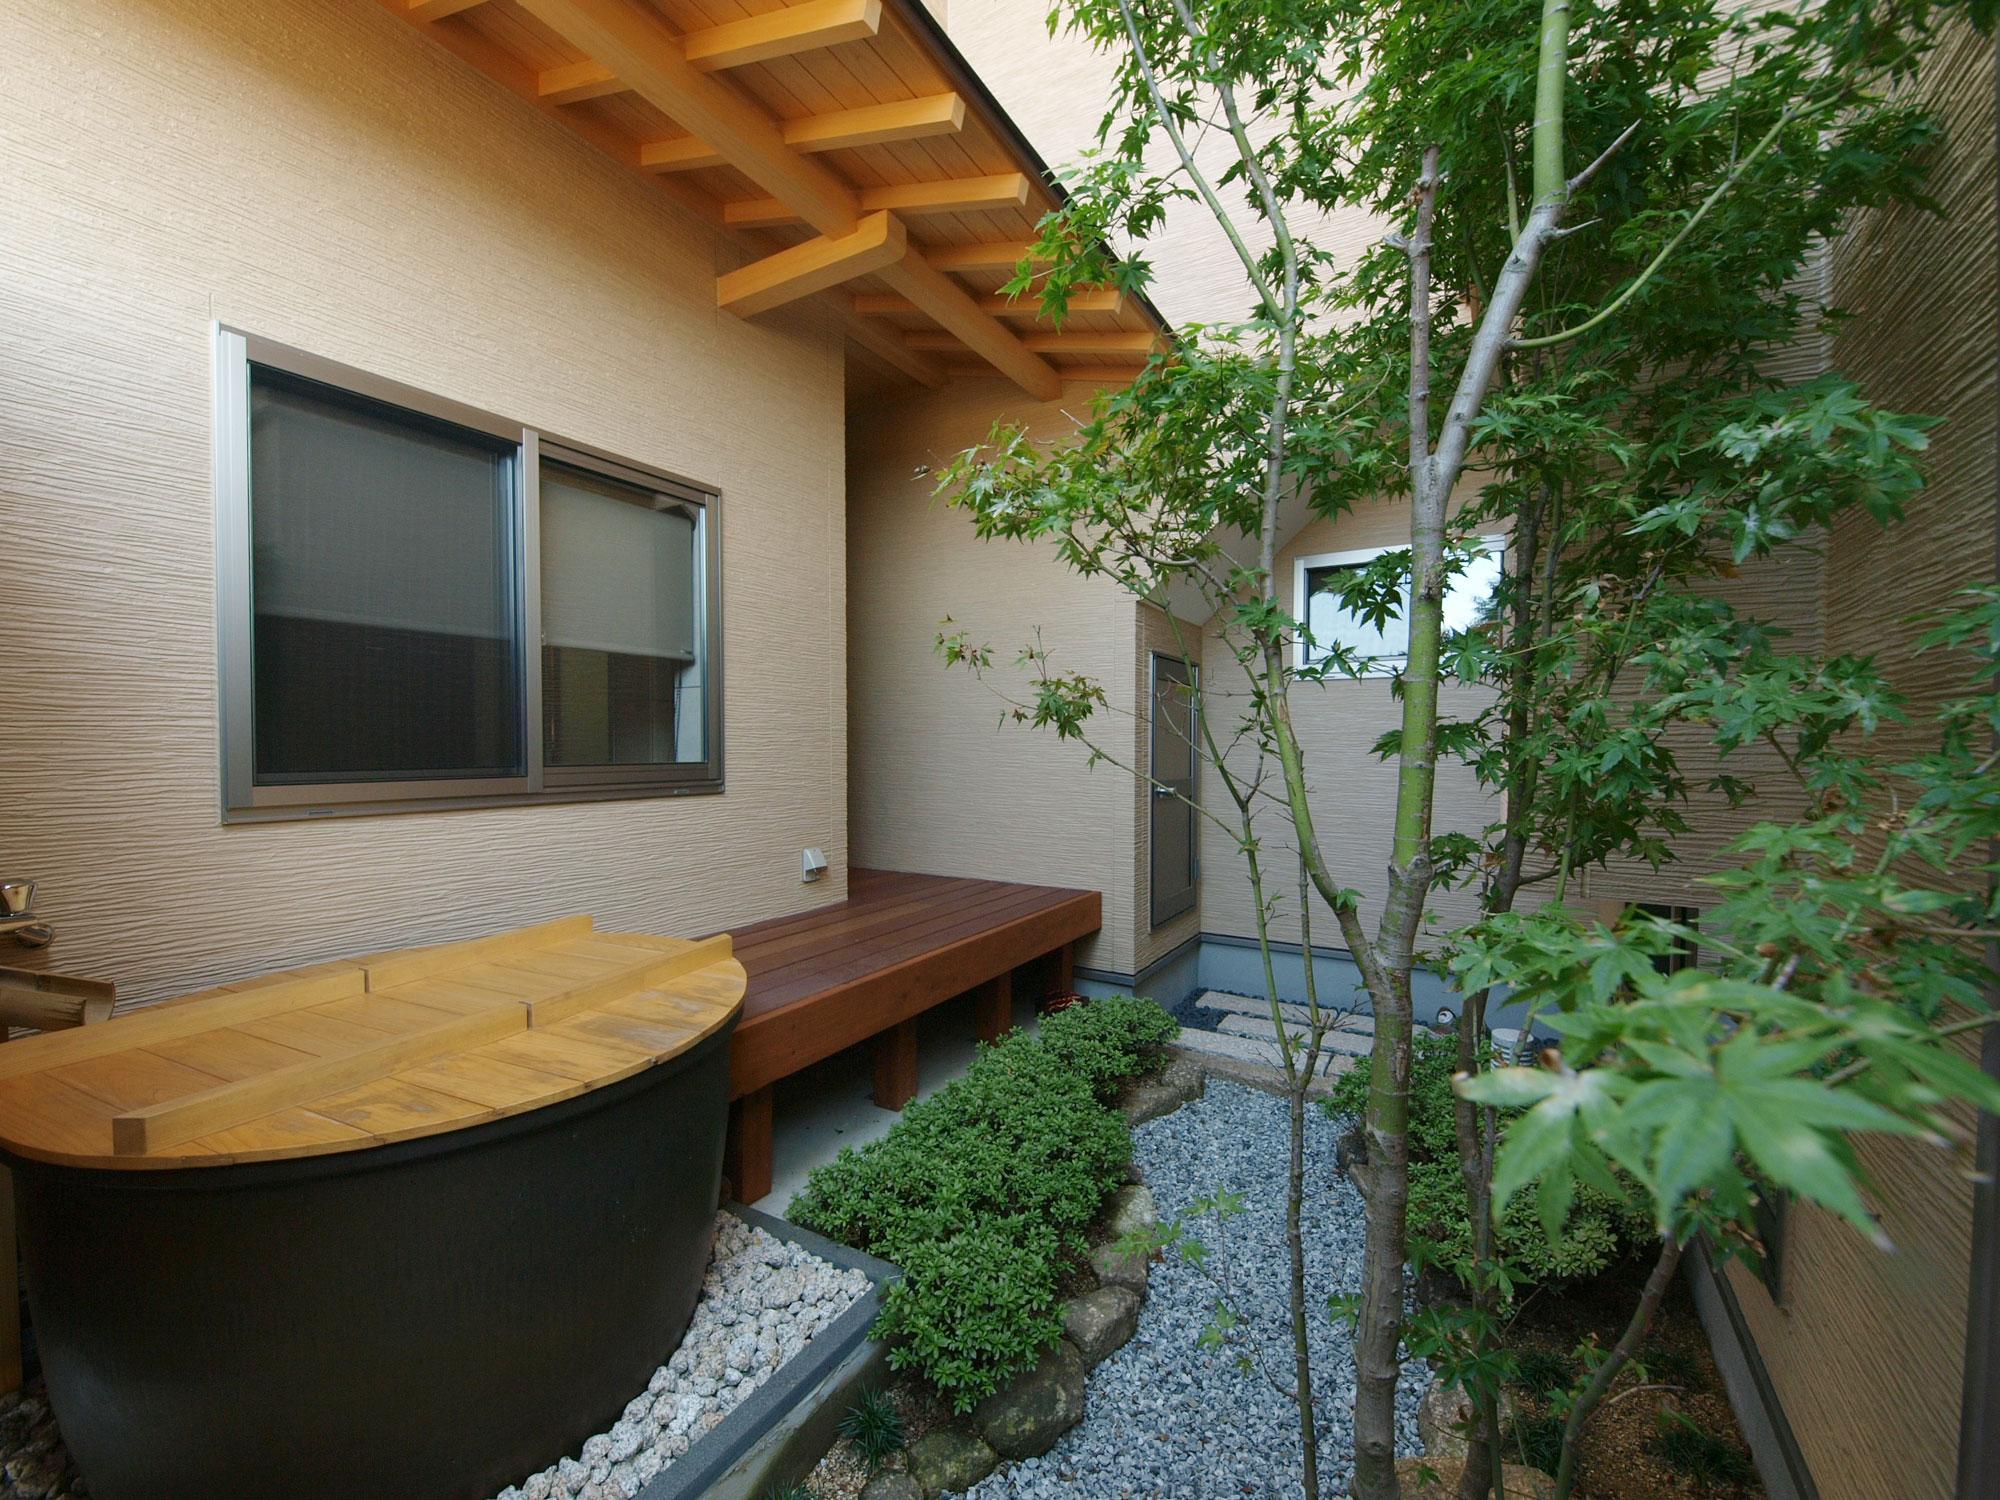 岩田建築【デザイン住宅、趣味、高級住宅】浴室・台所・客間から眺めることのできる中庭